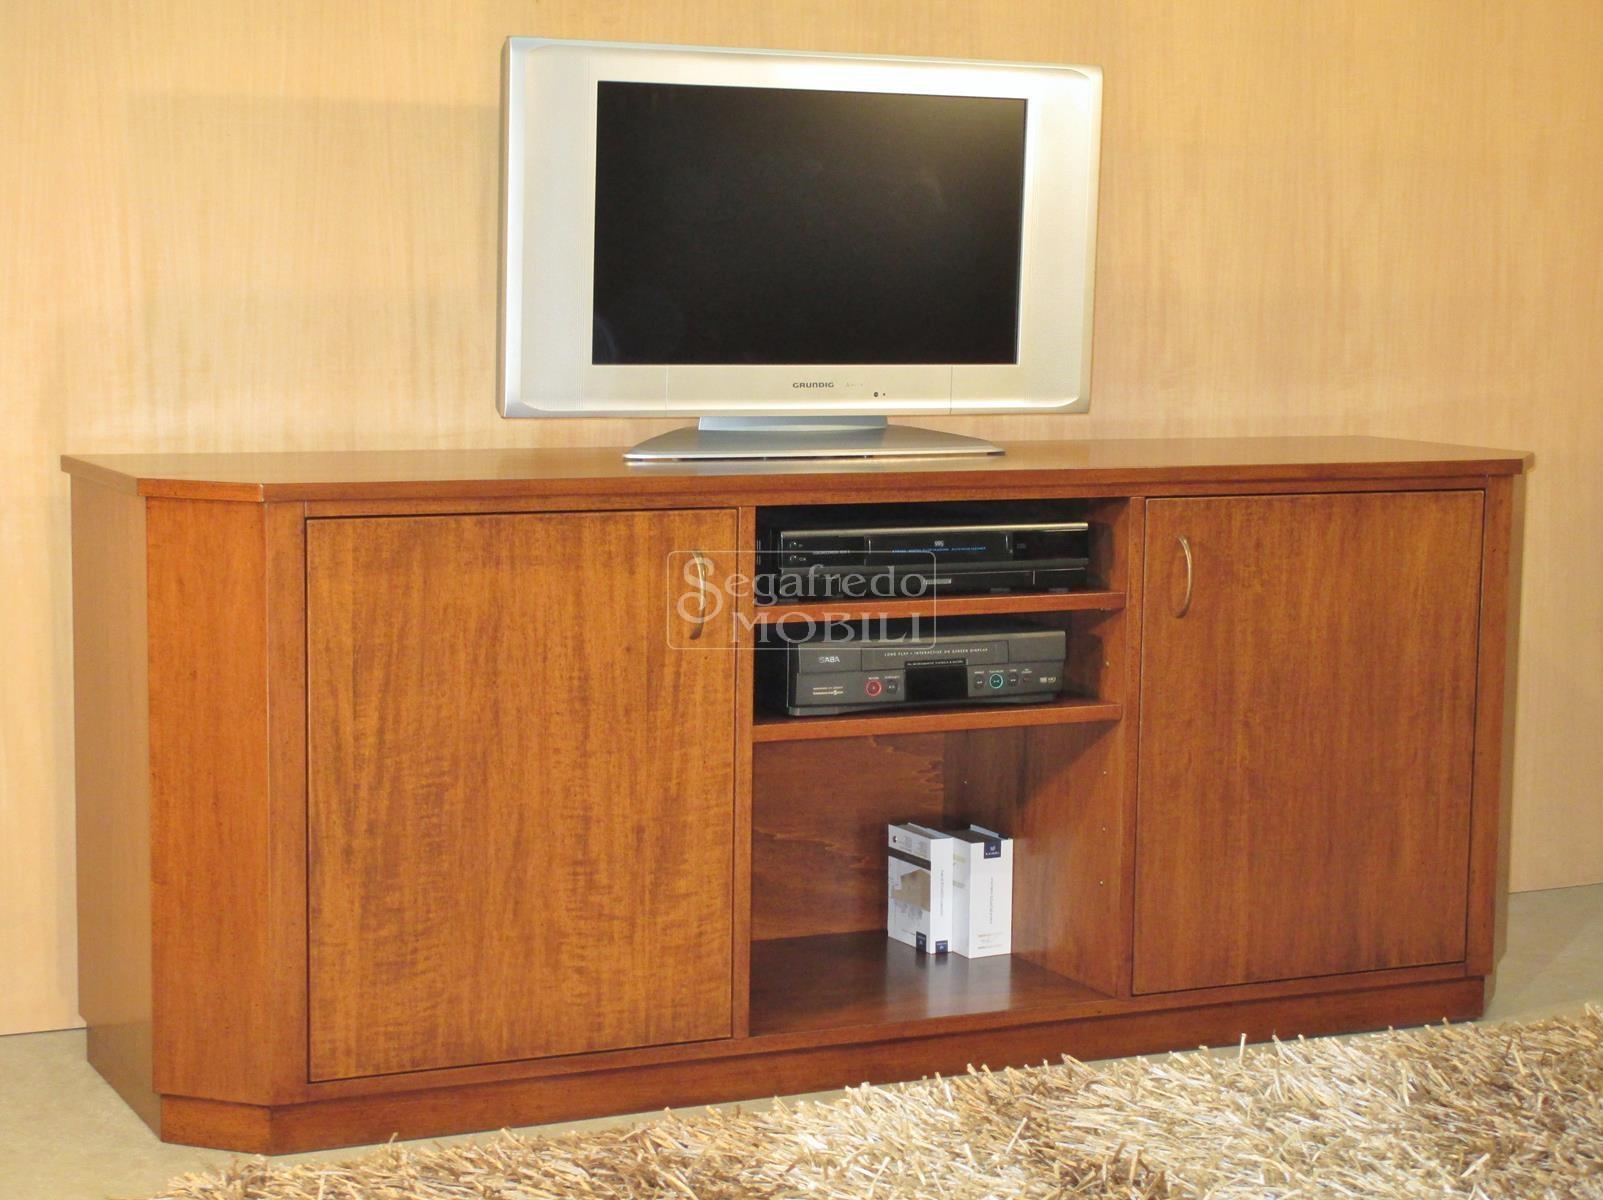 Credenza porta tv ed accessori in legno con pilastri sfaccettati ...